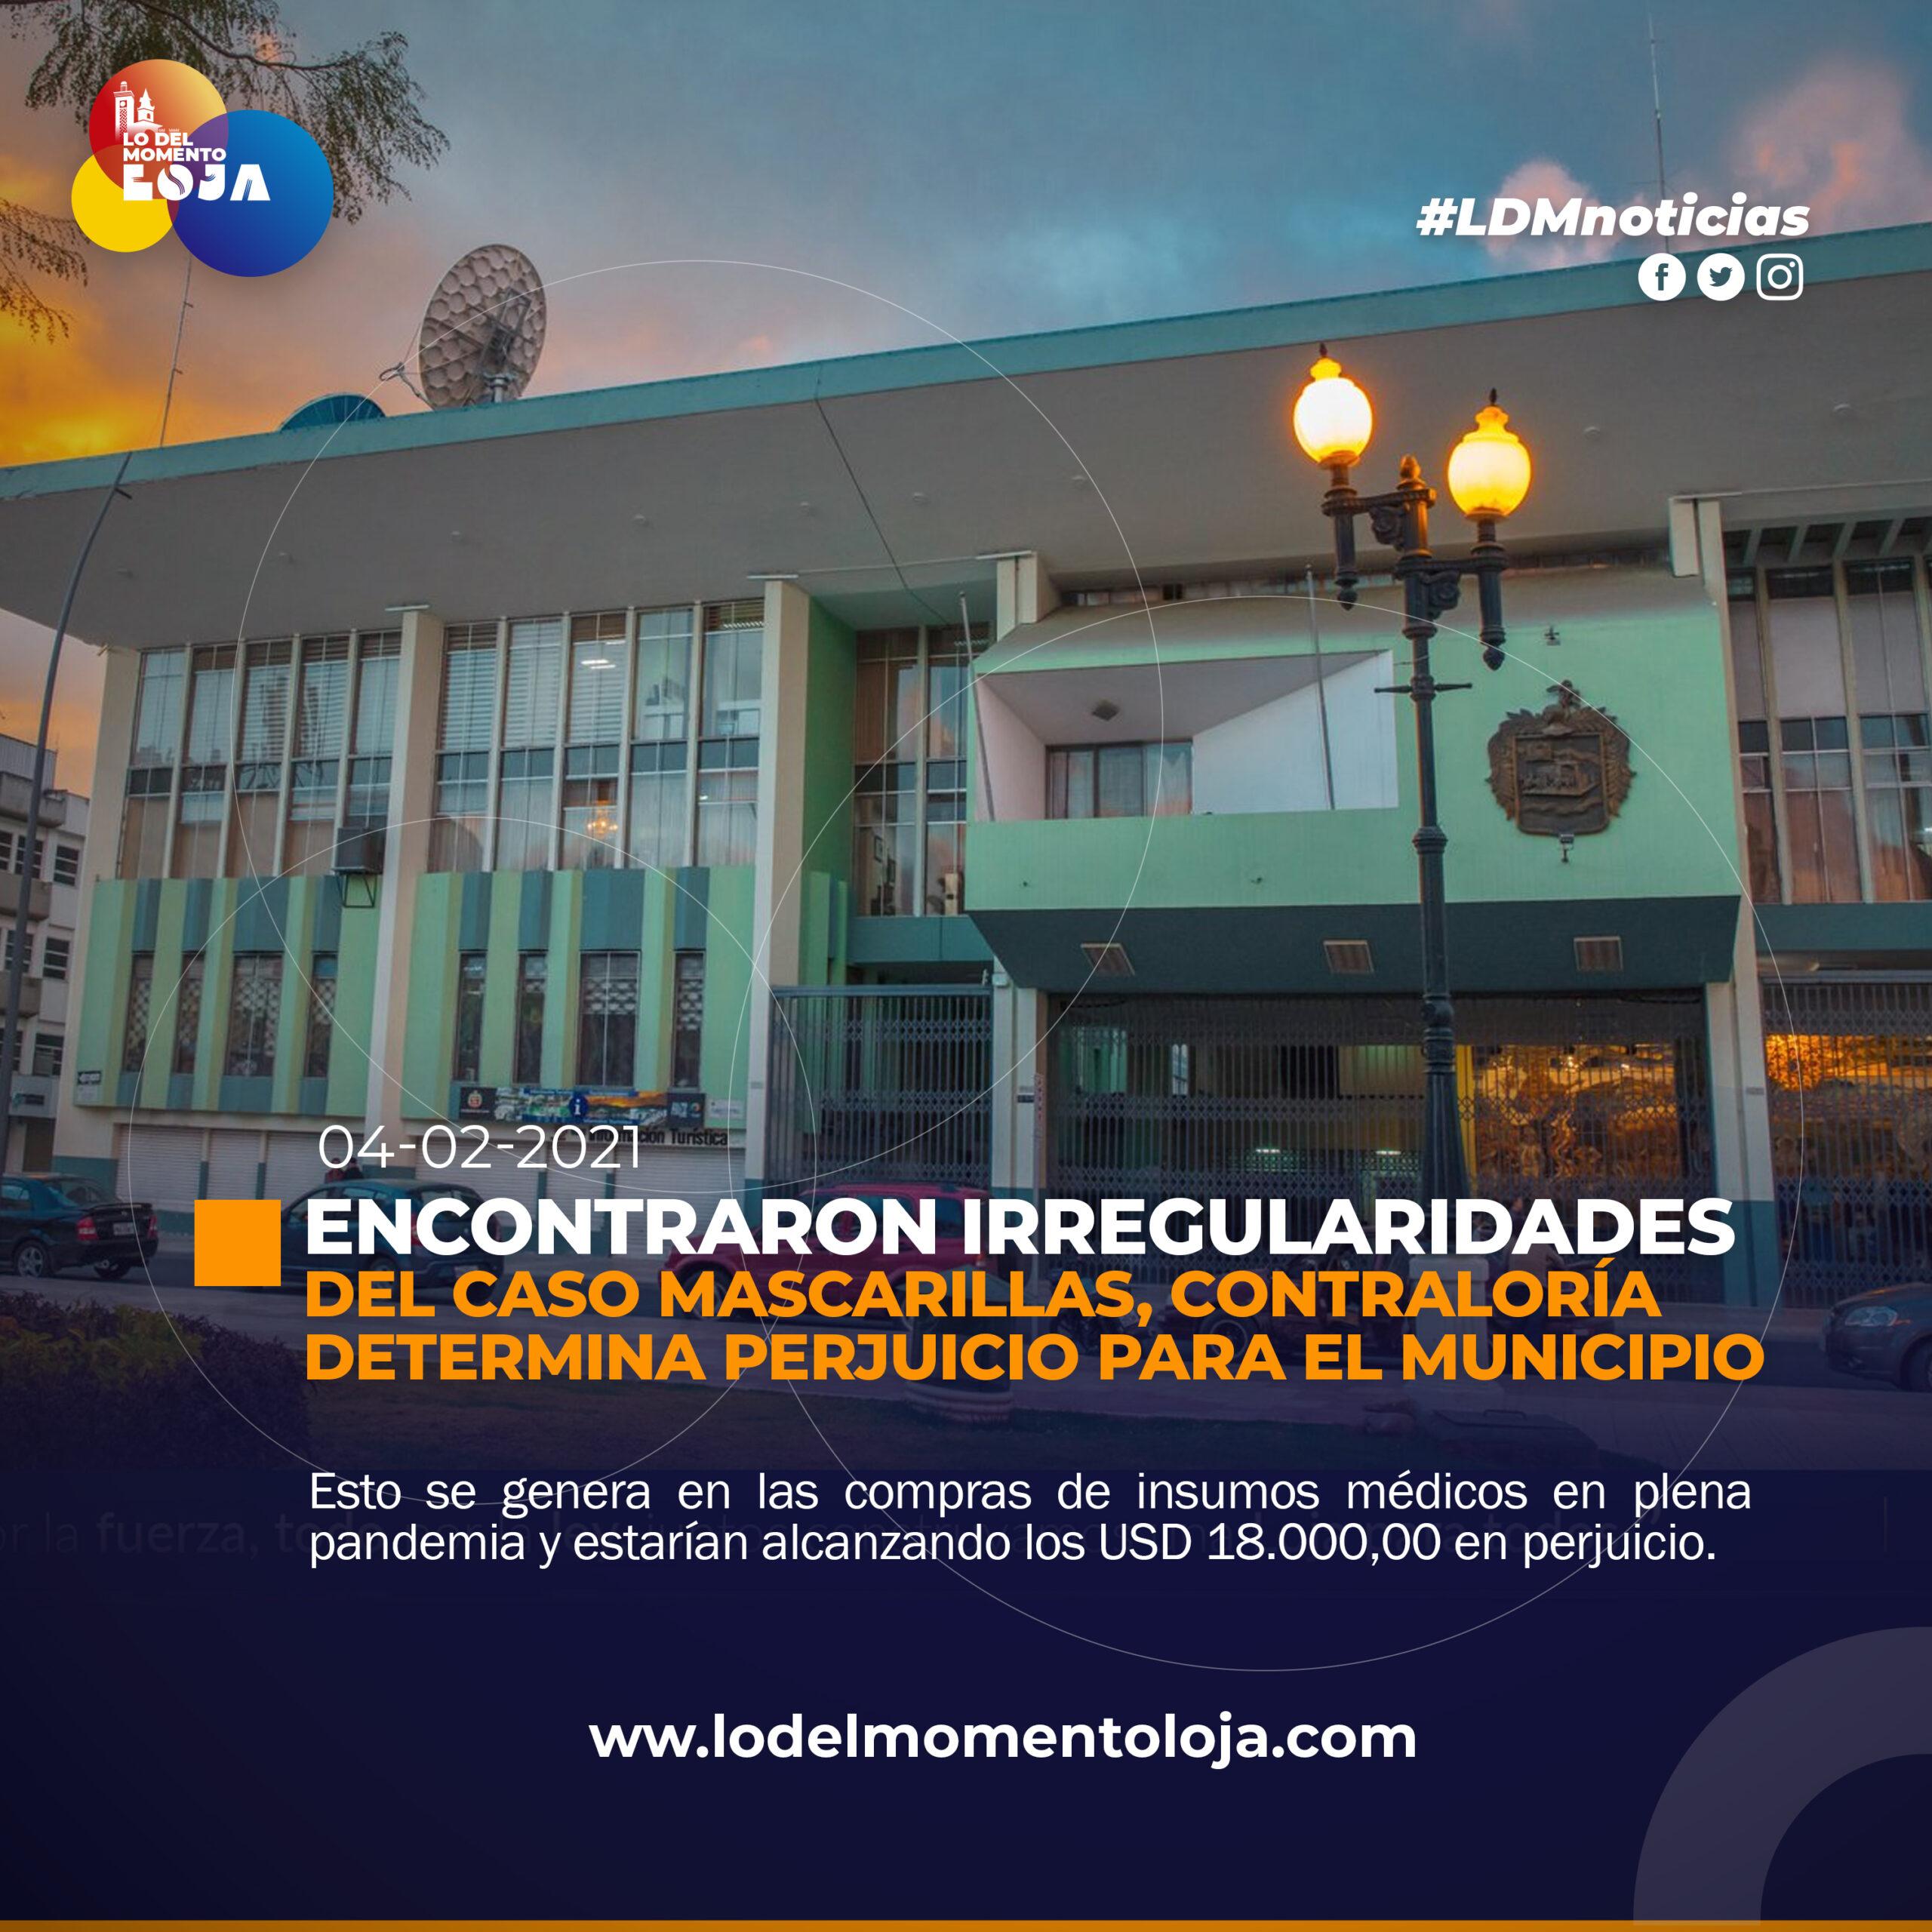 Contraloría determinó irregularidades en la compra de Mascarillas del Municipio de Loja.